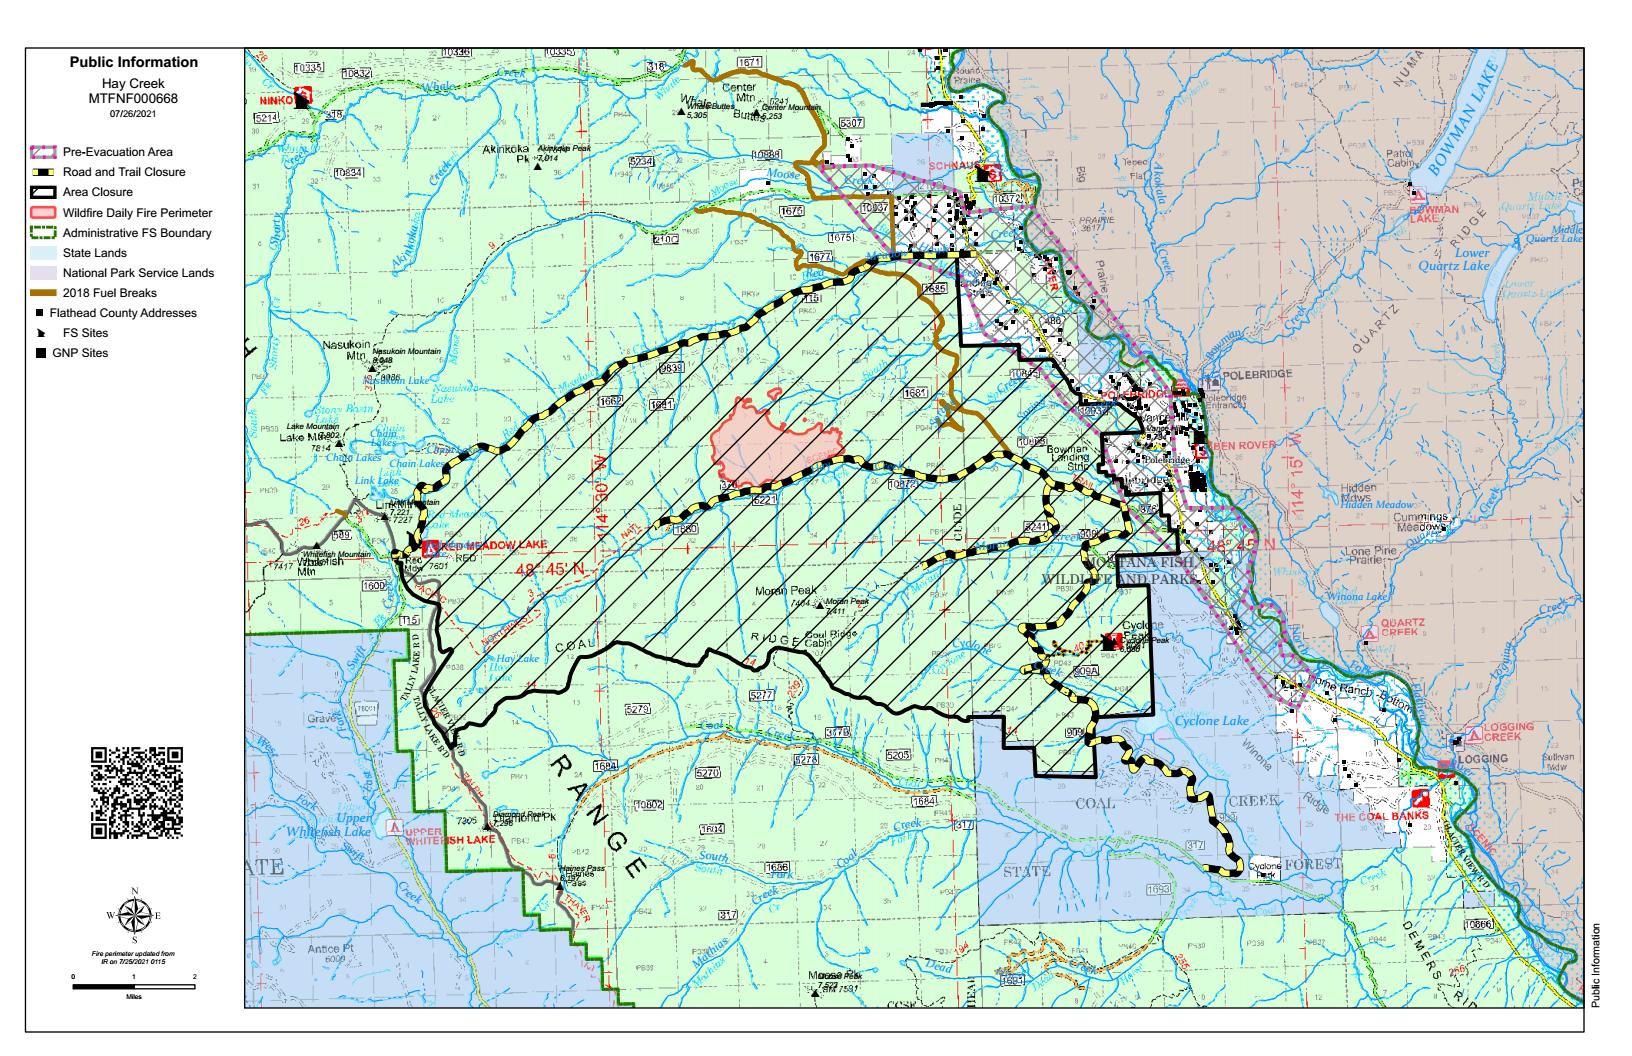 Public Information Map - Hay Creek Fire, July 26, 2021